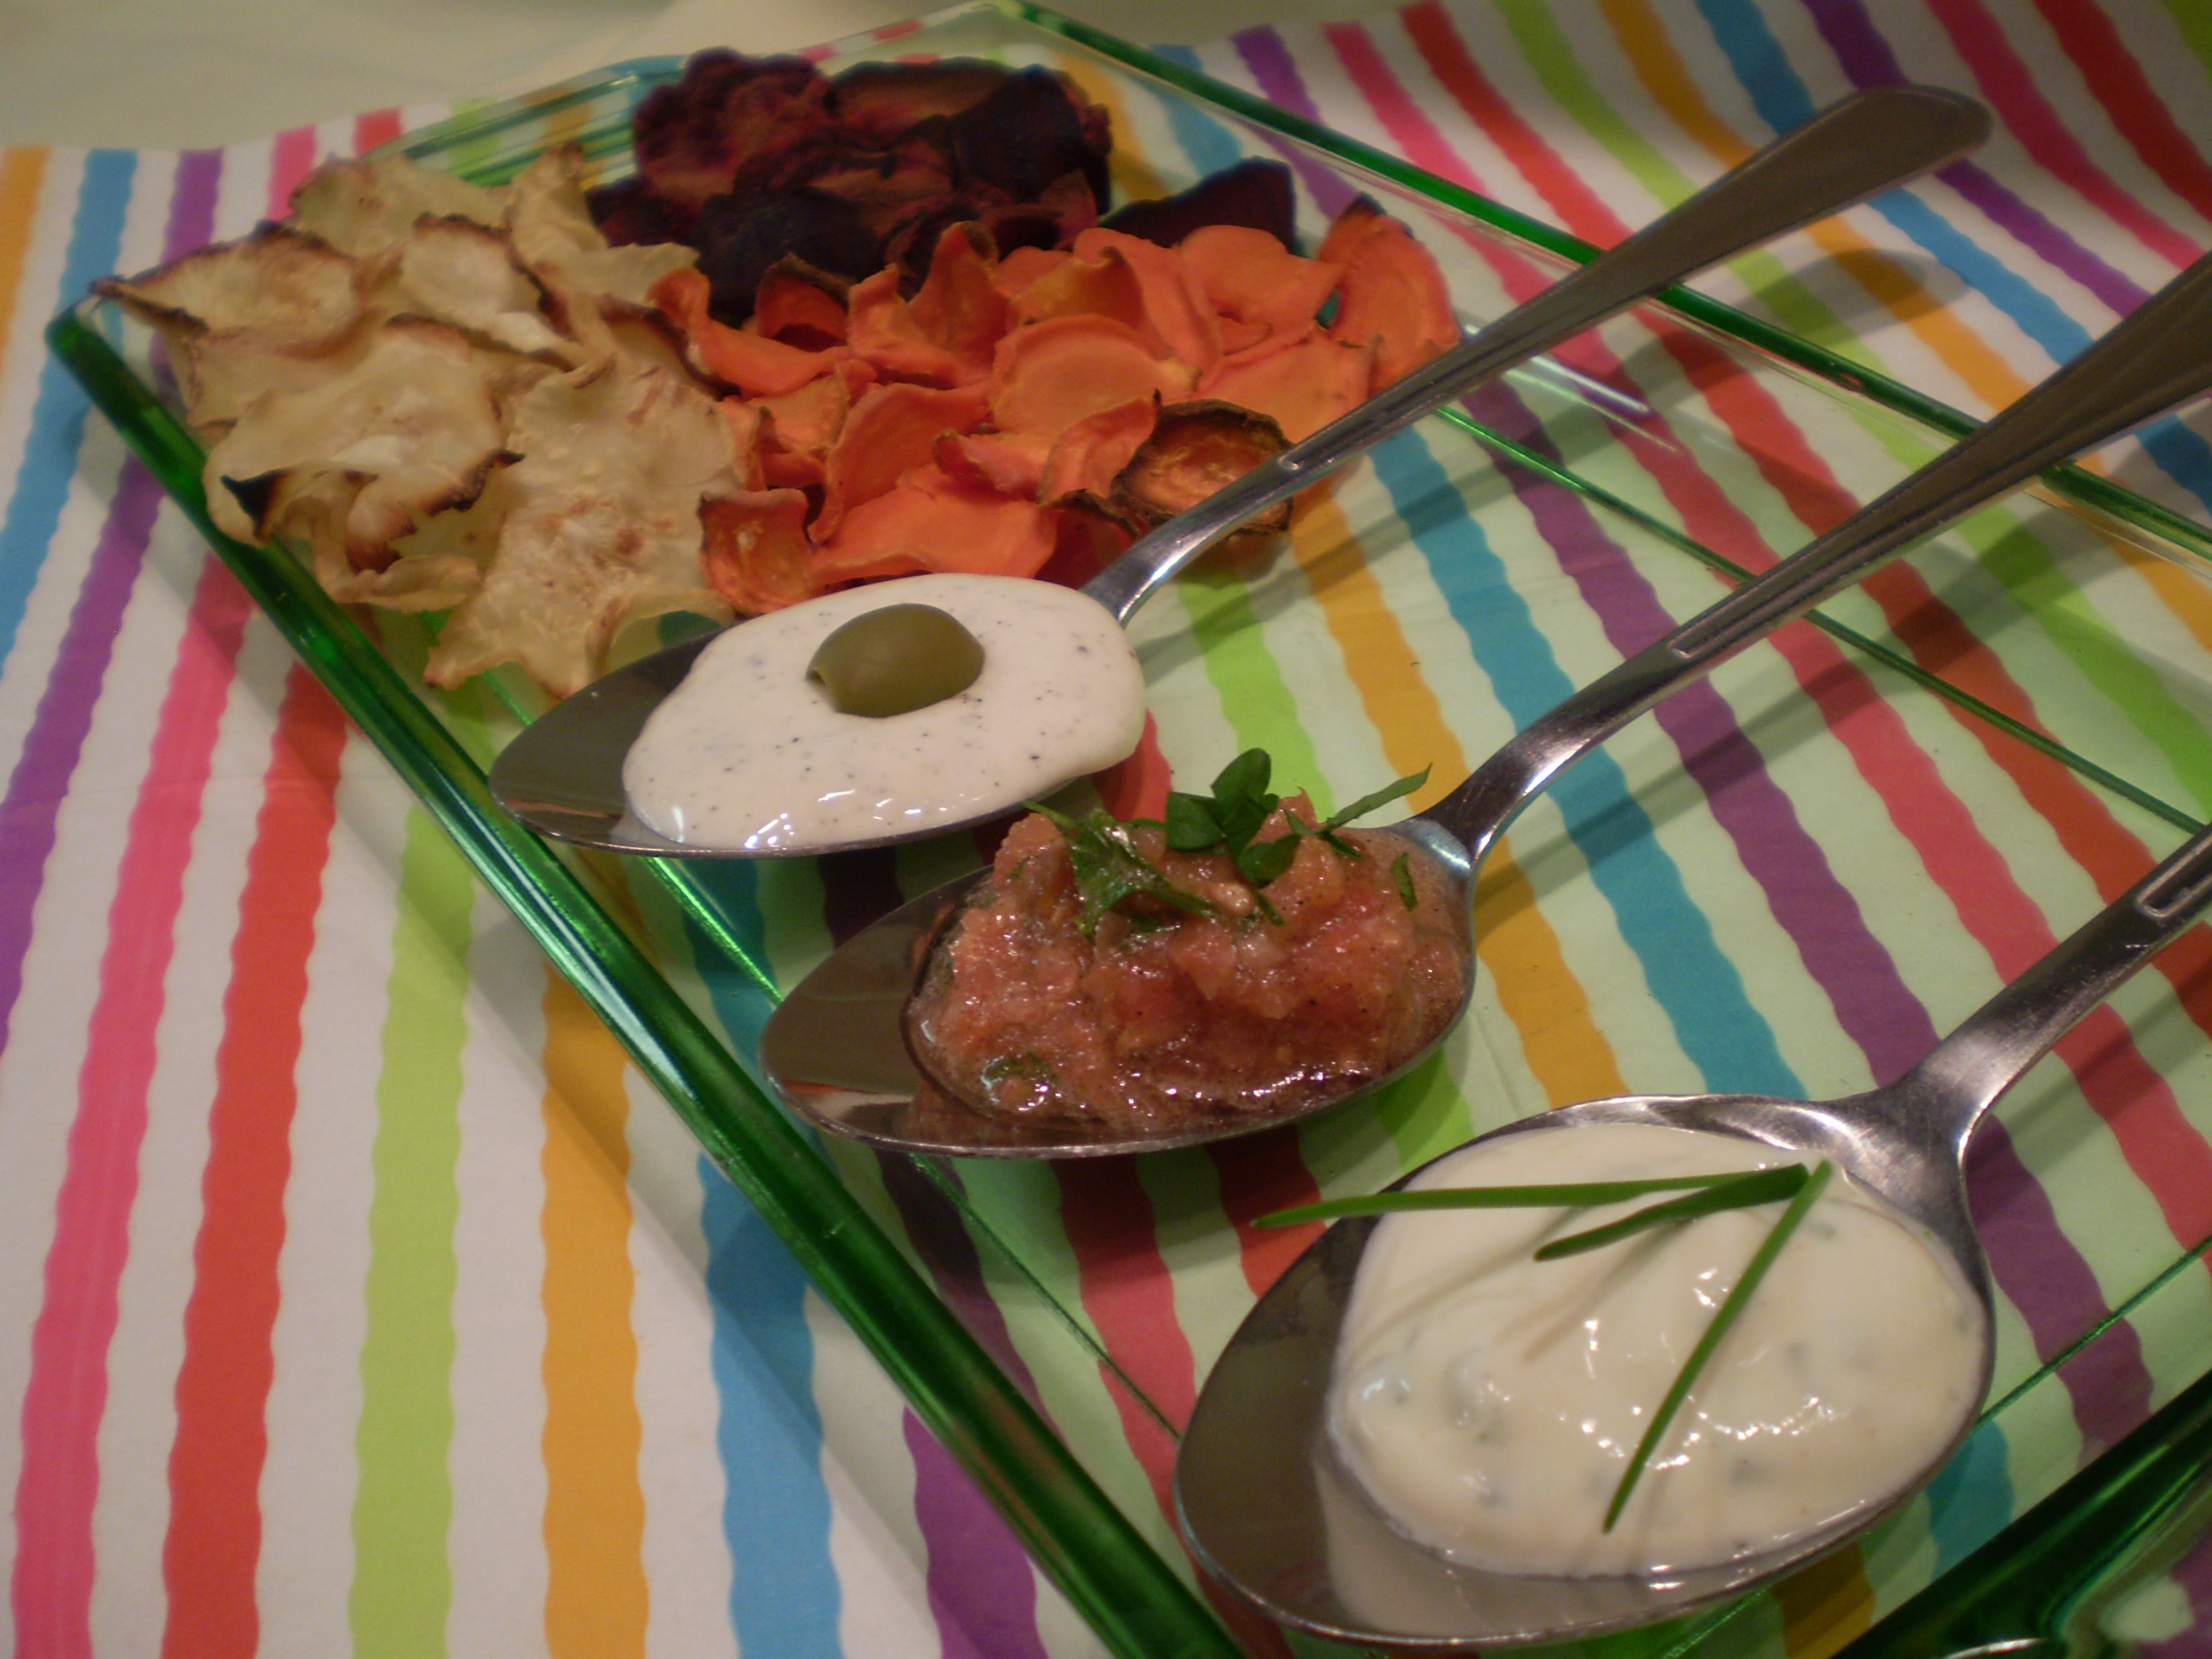 Zöldség chips készítése mártogatóssal